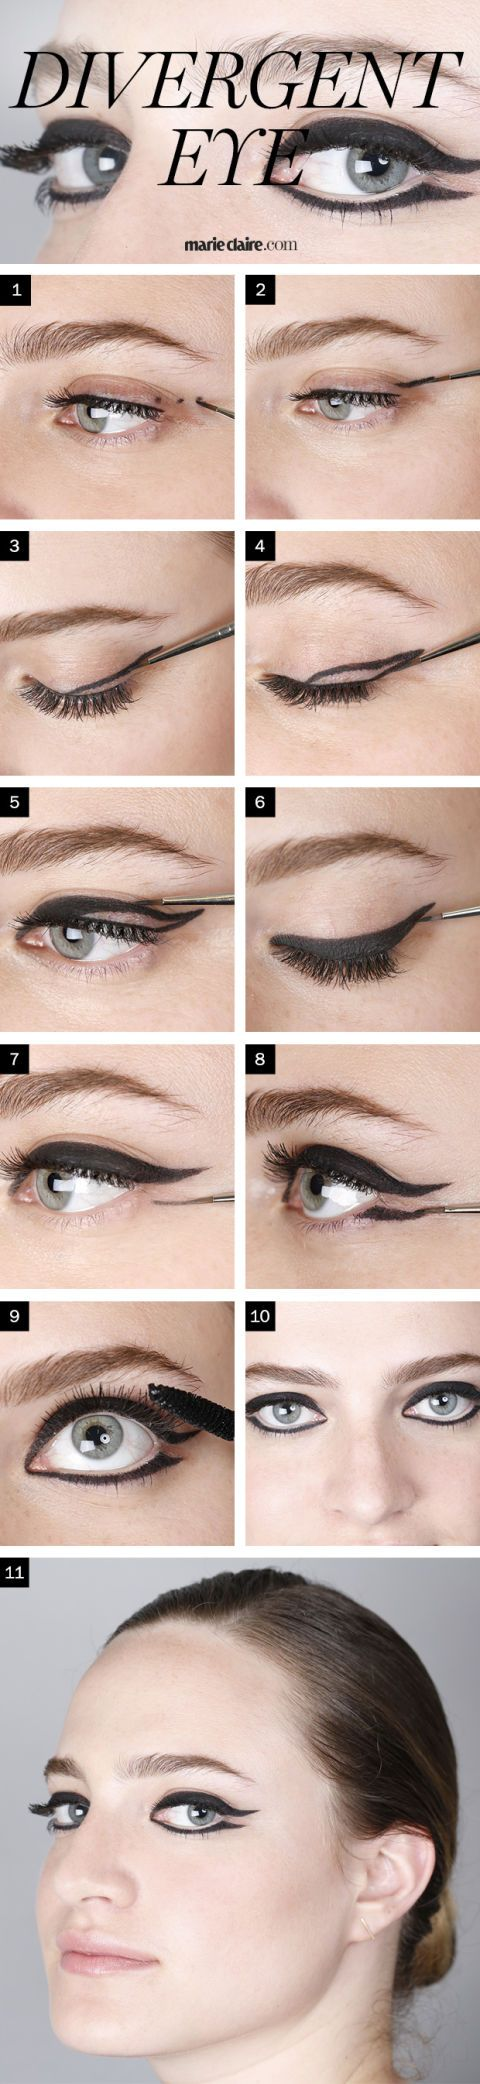 Makeup How To Divergent Eyeliner Look